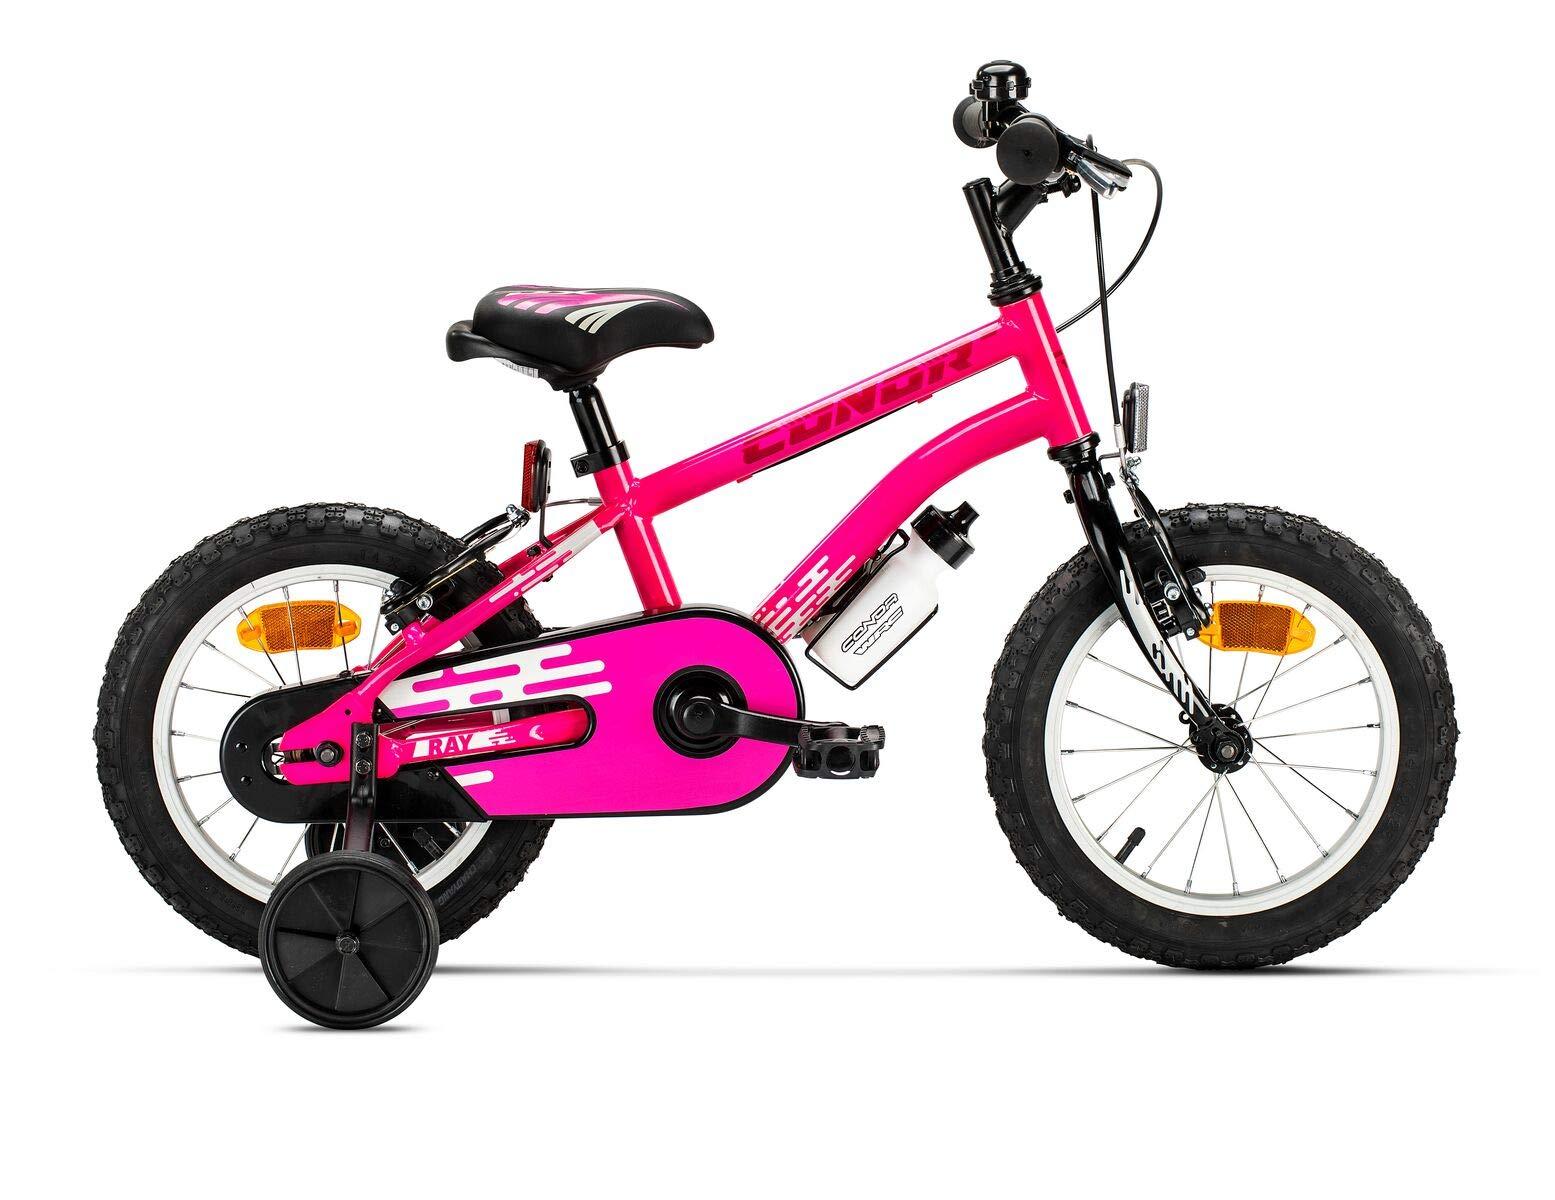 Conor Bicicleta Ray Rosa. Bicicleta Infantil de Cuatro Ruedas. Bici para niños y/o niñas de 3 a 5 años. Bike con Ruedas de Entrenamiento, ruedines. Cuadro de Acero 14 Pulgadas.: Amazon.es: Deportes